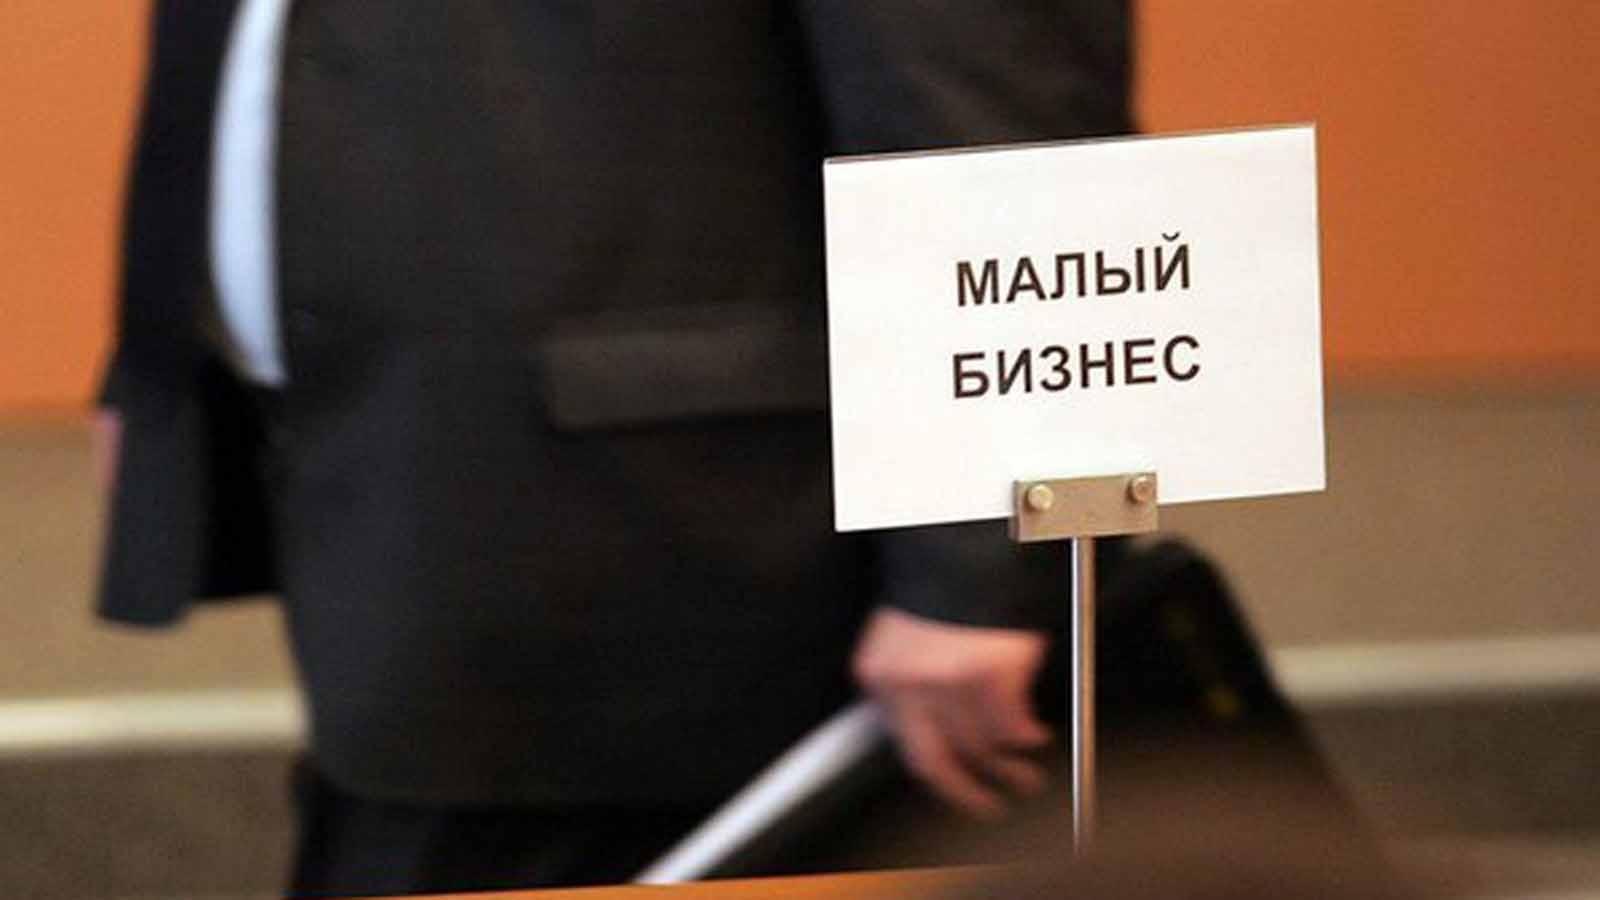 Руководство РФупростило порядок получения субсидий для малого бизнеса